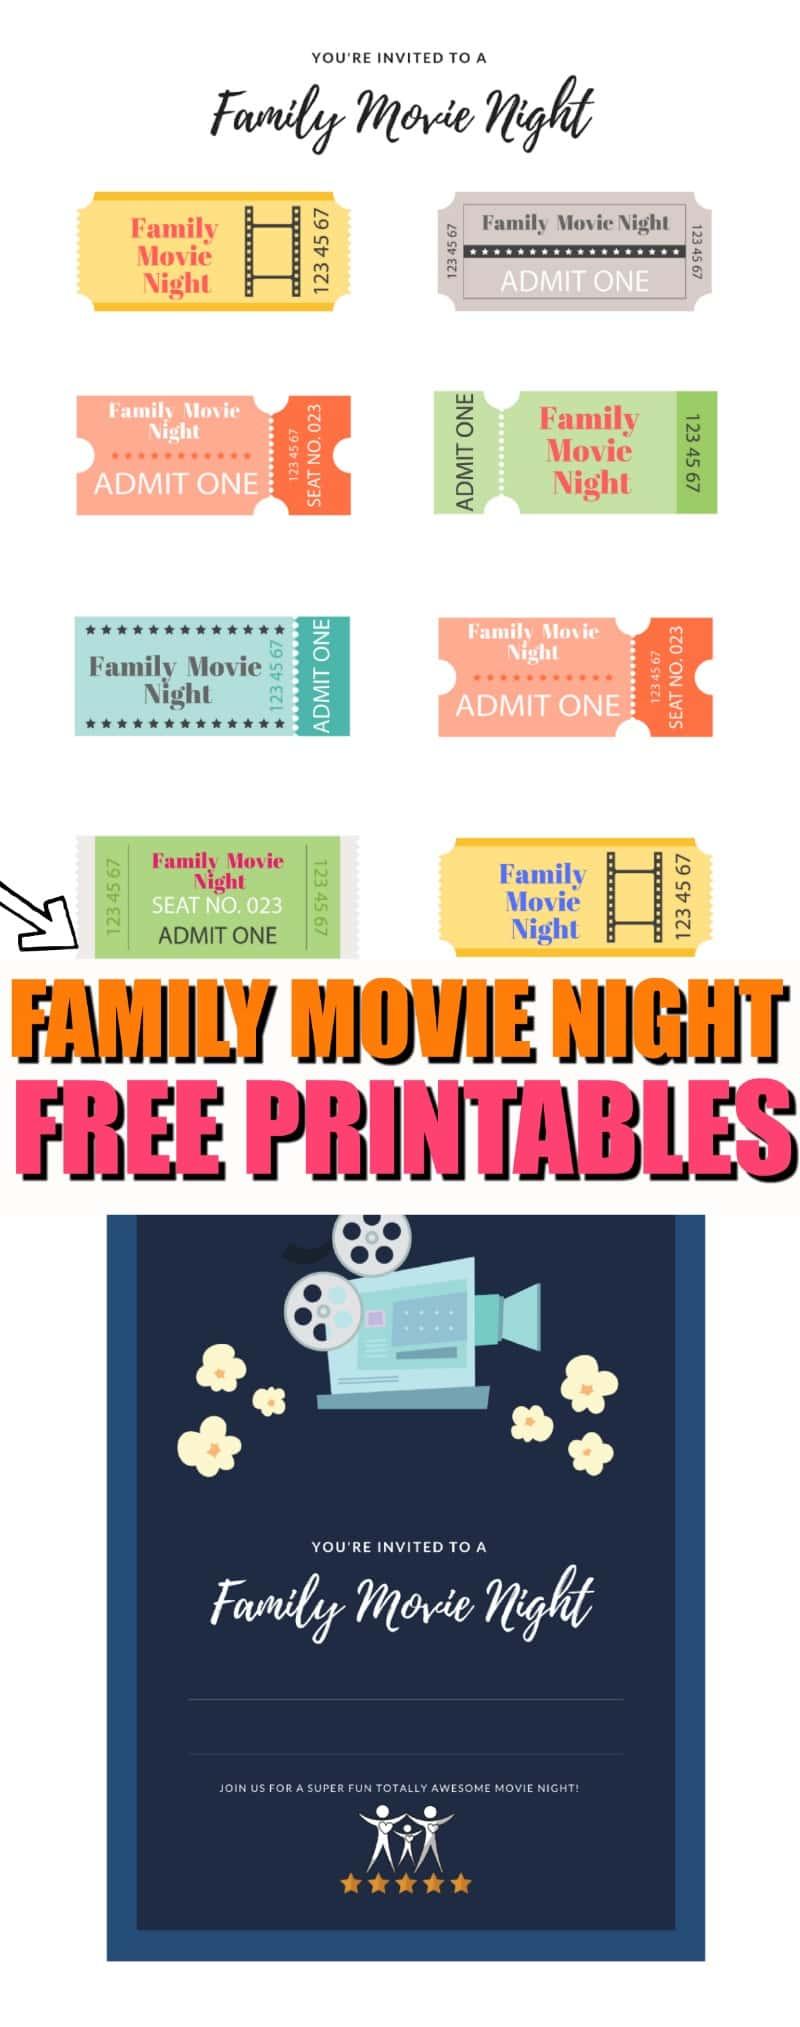 Family Movie Night Free Printables | Movie Night Tickets | Movie Night Invite